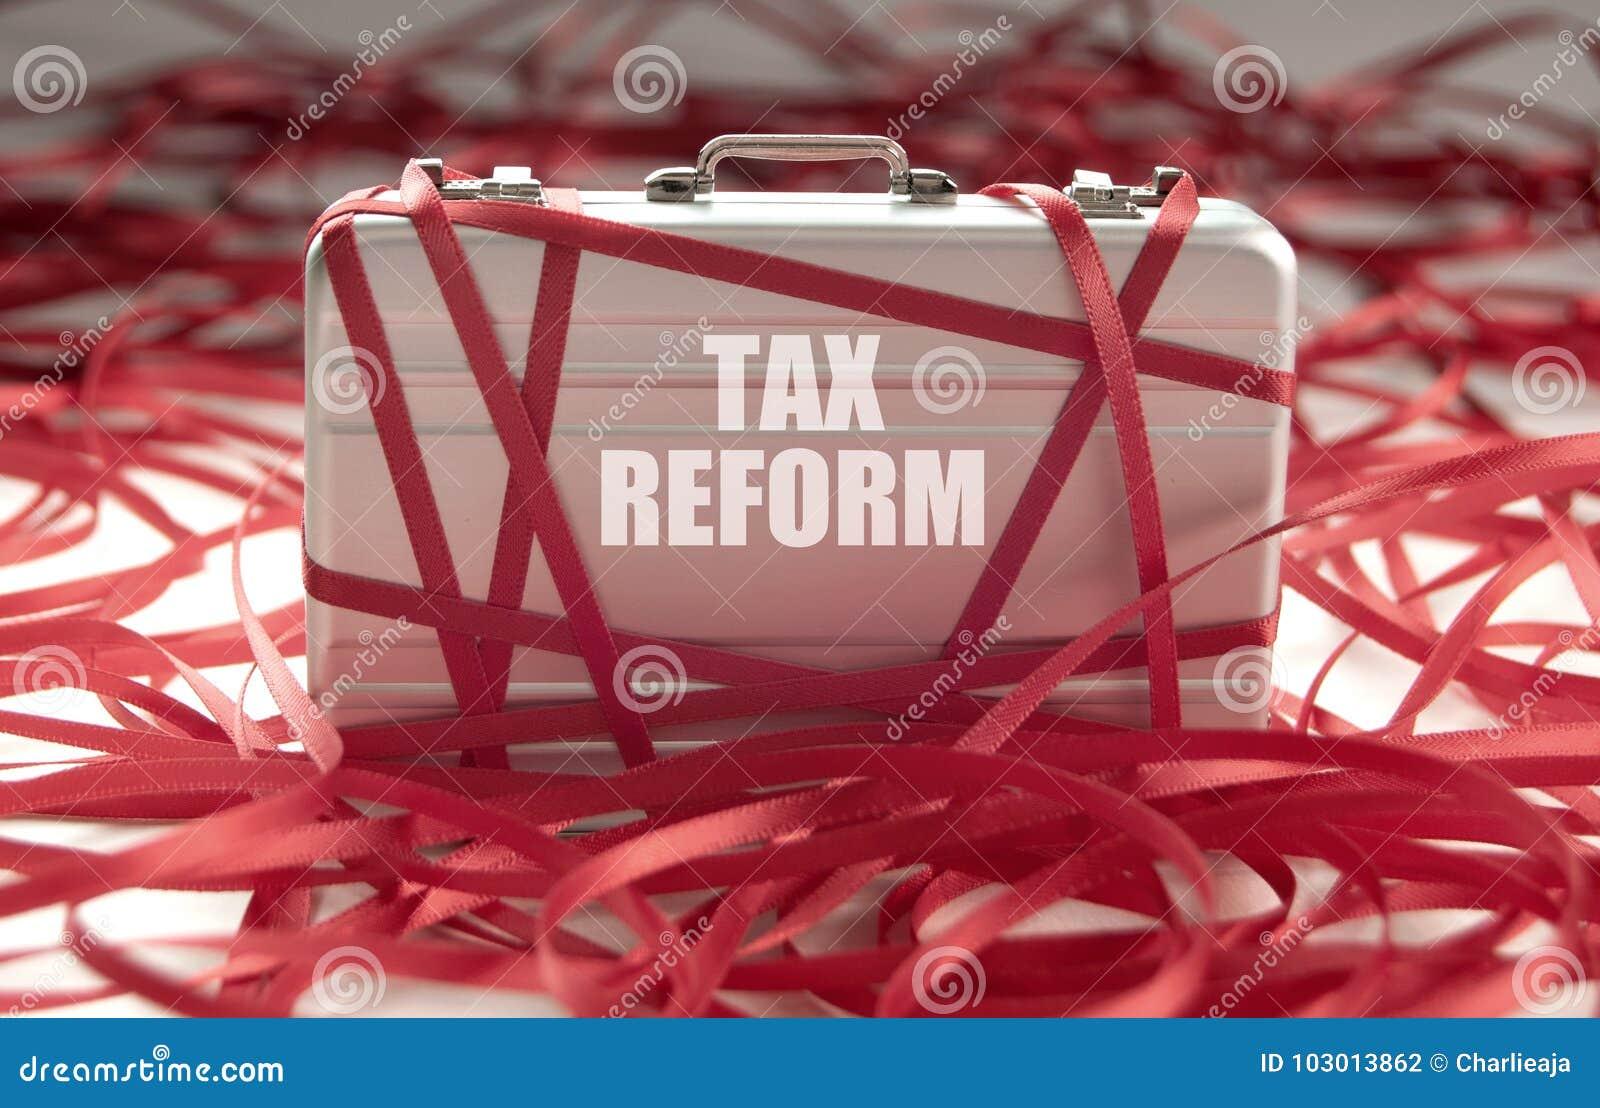 Pappersexercis för skattreform